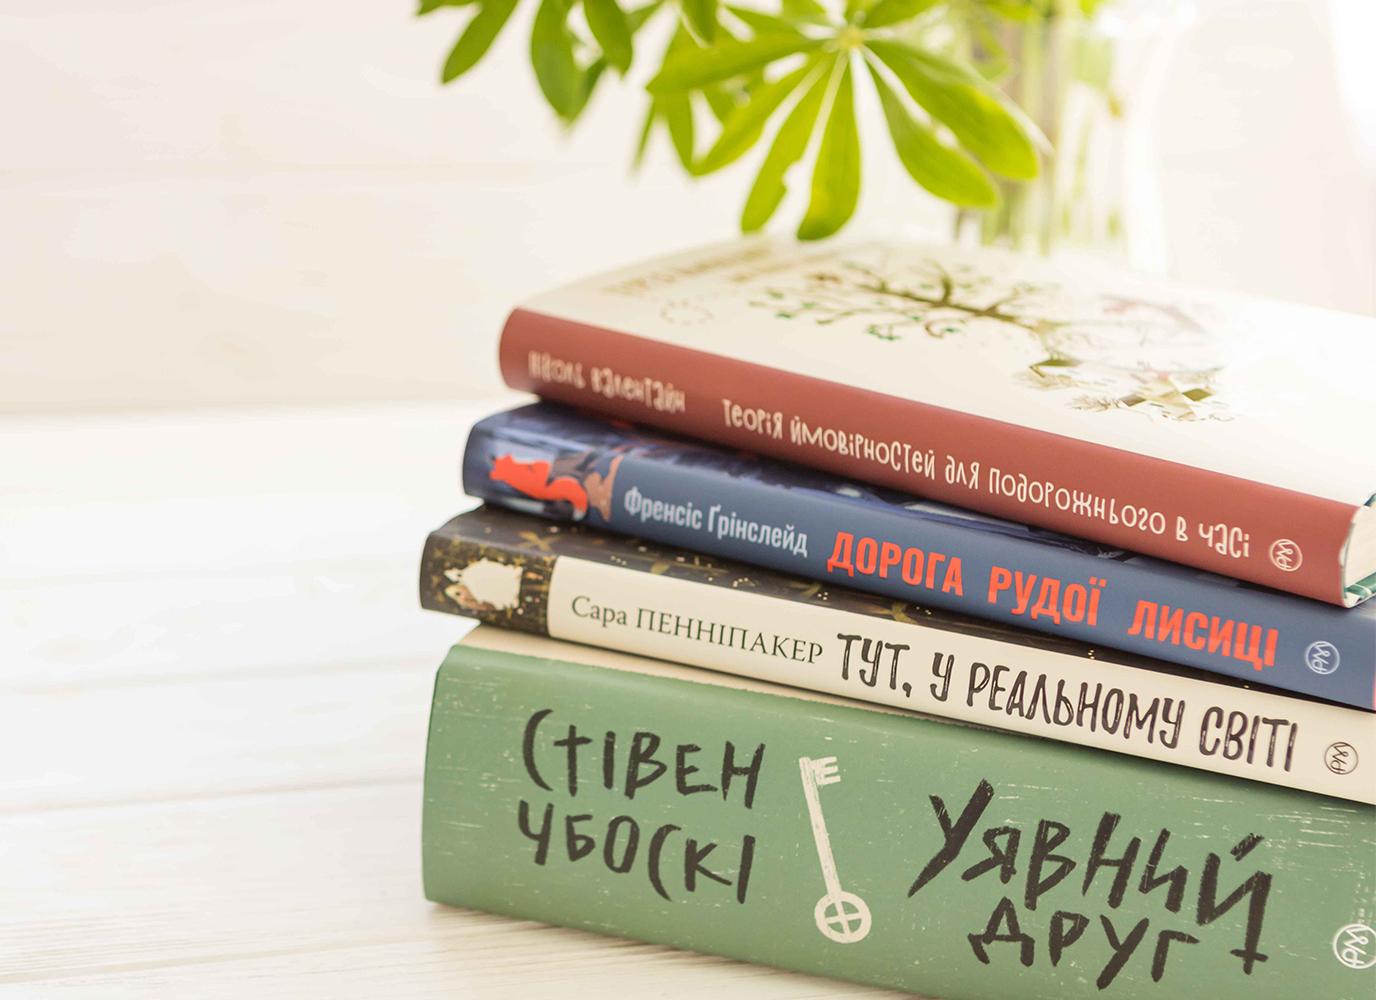 Робінзонада, подорожі в часі, уявні та реальні світи – чотири сучасні підліткові романи